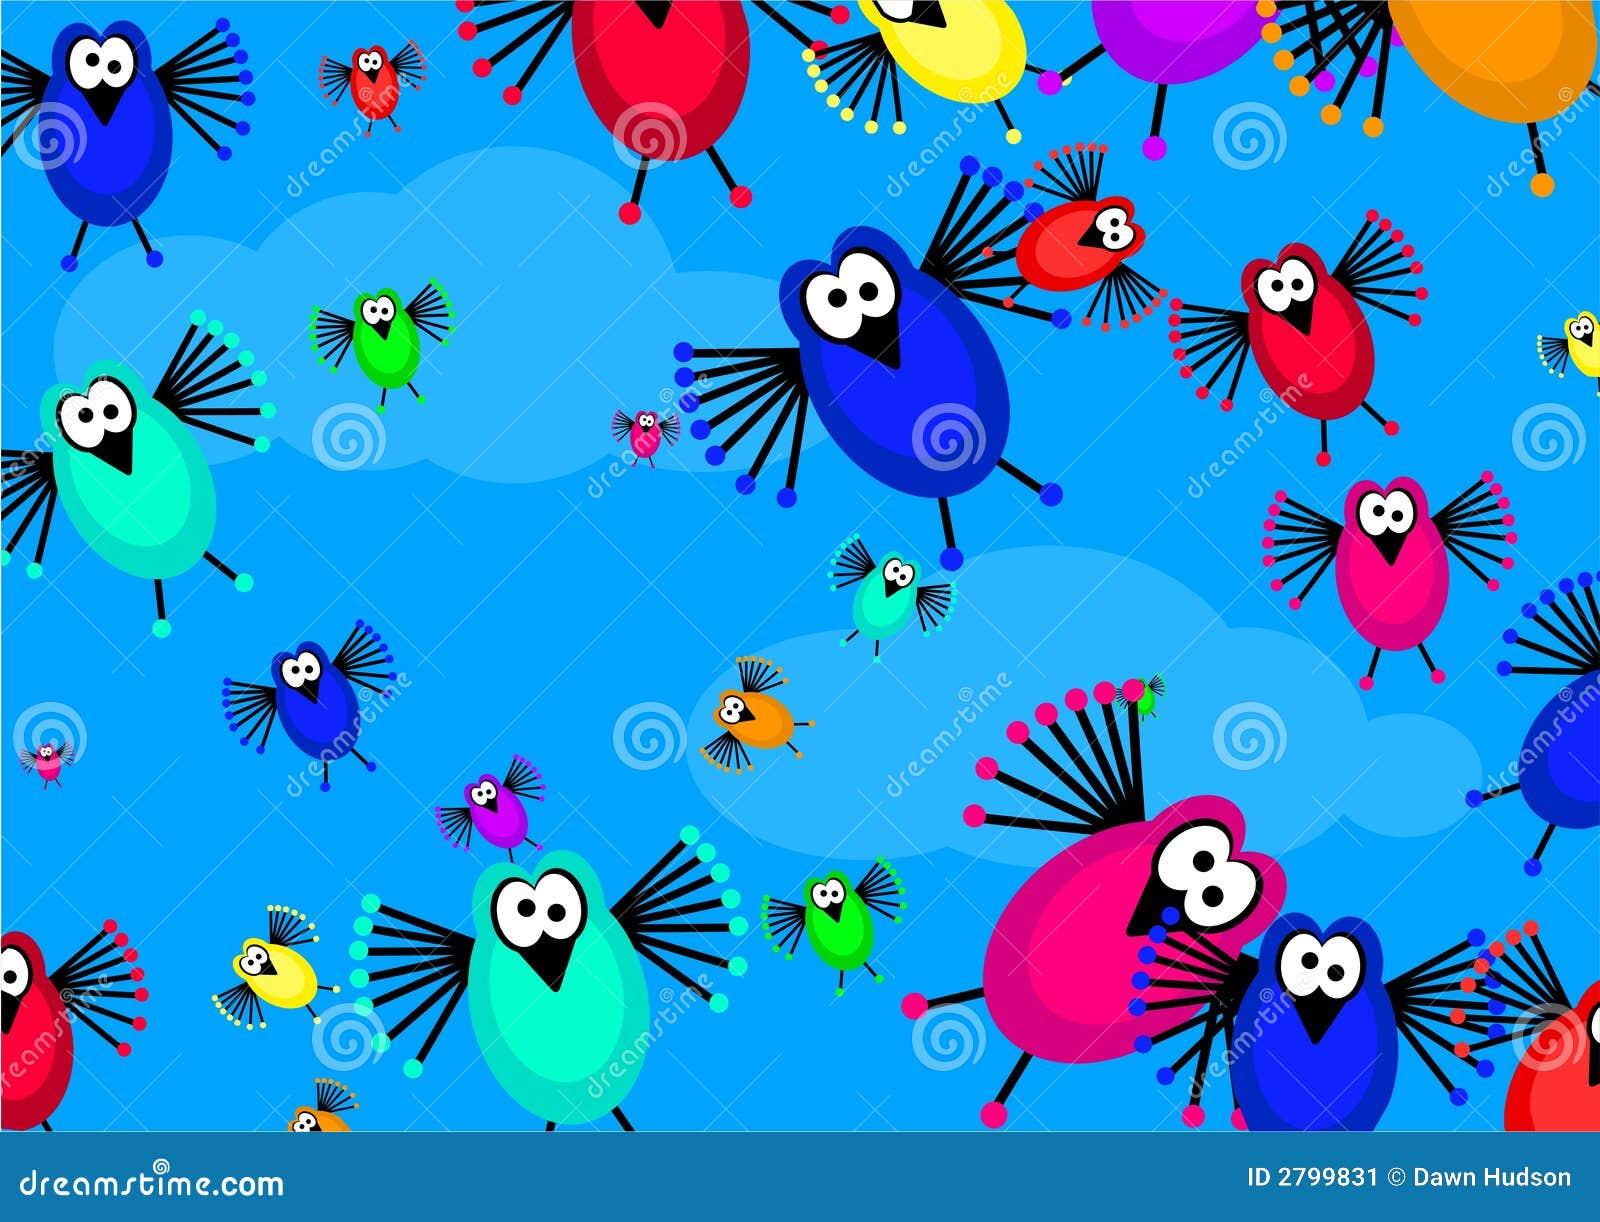 Flock Of Birds Stock Illustration Illustration Of Patterns 2799831